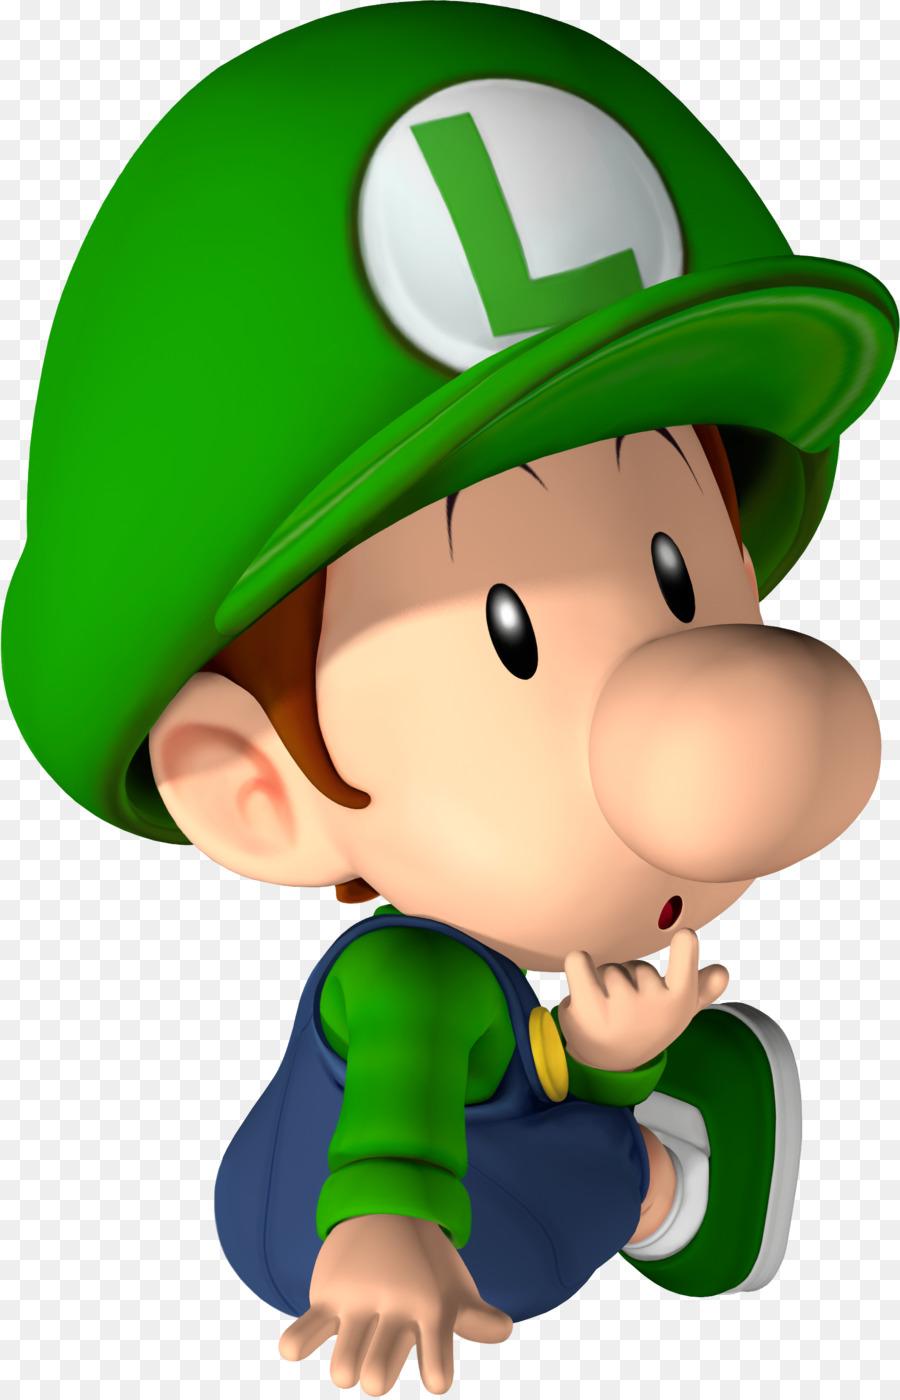 Mario Bros Luigi Kart Wii Princess Peach